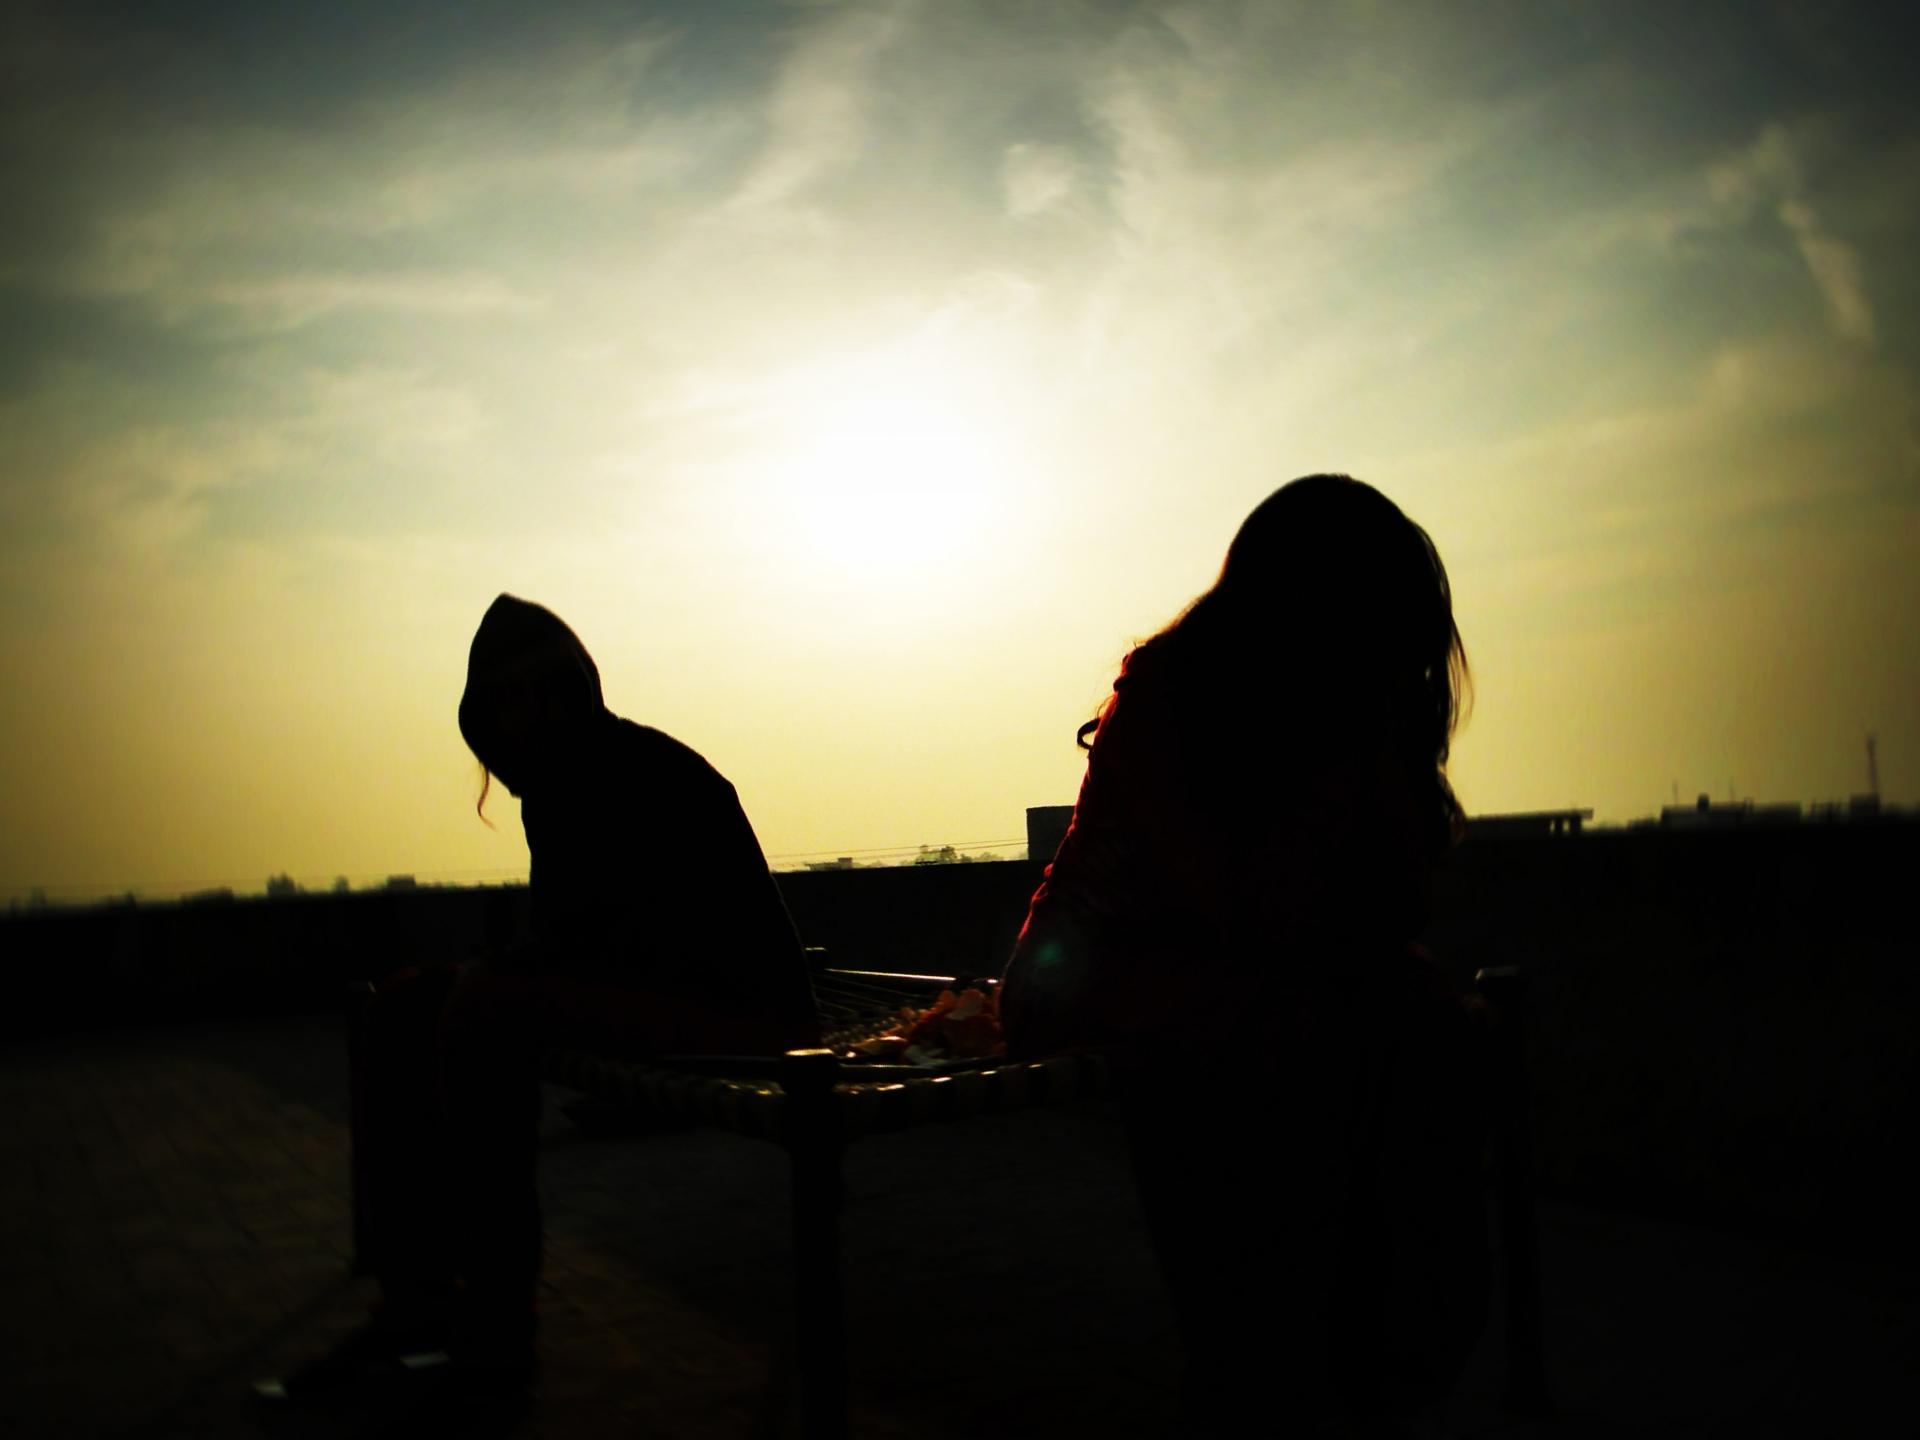 別居からの離婚回避は可能?別居されても別れたくない…対策ってある?